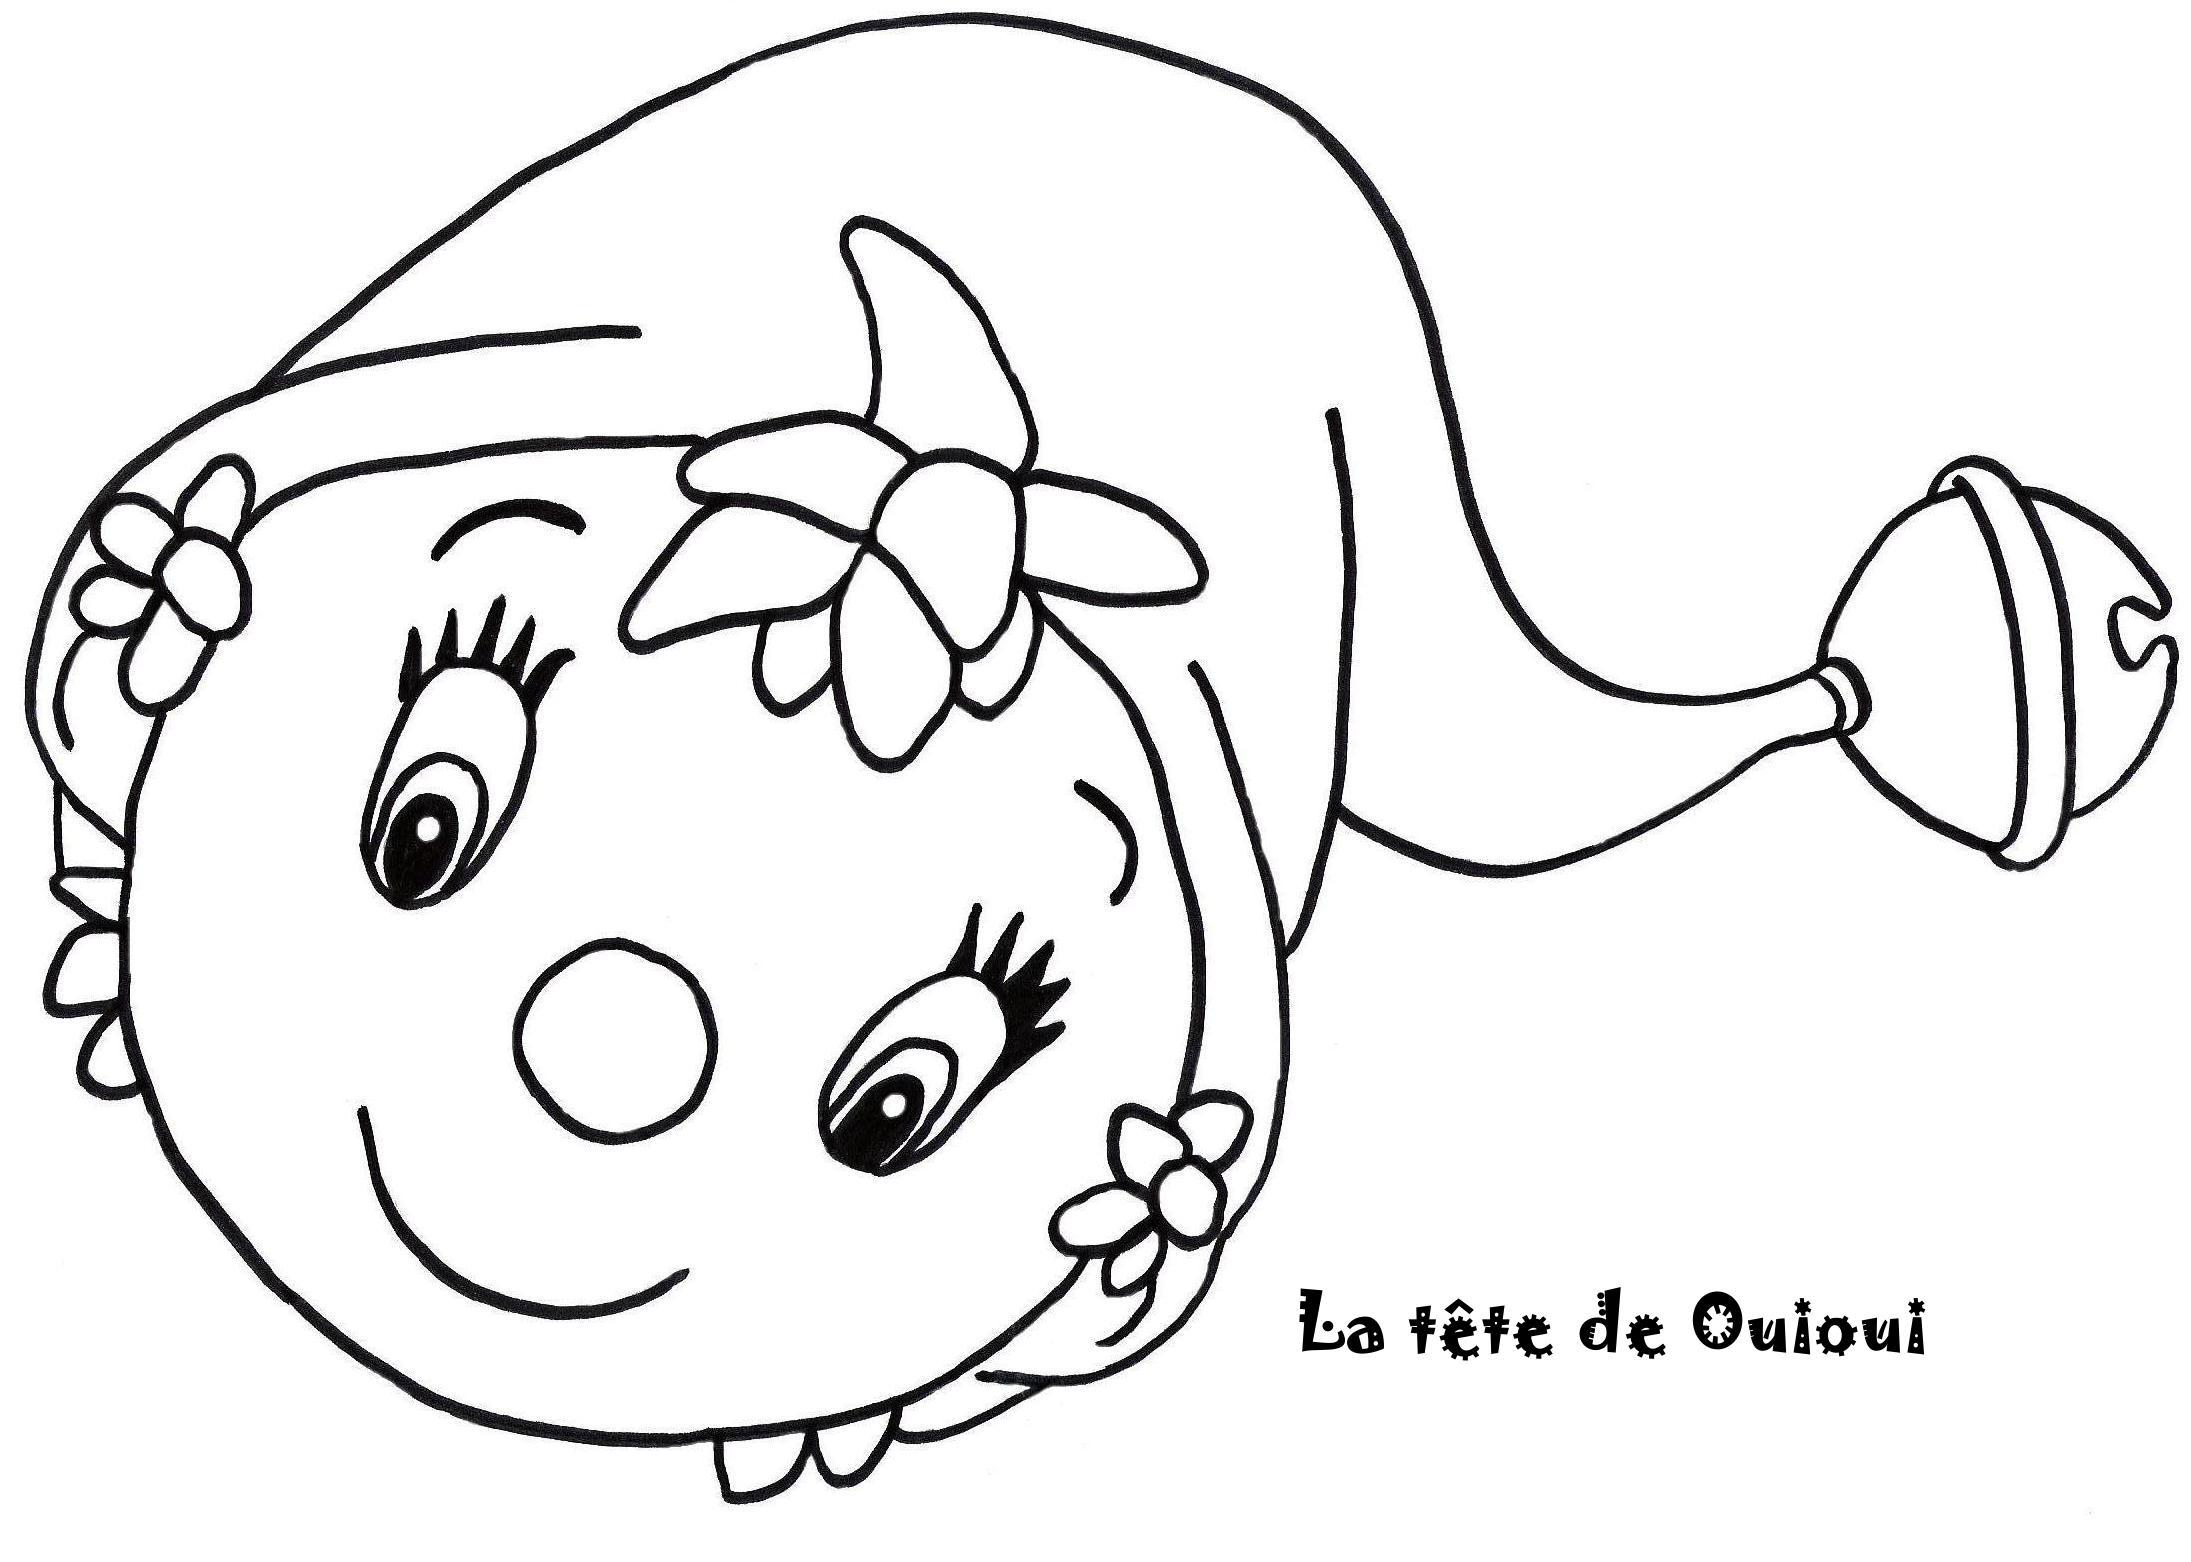 Coloriage Oui Oui.145 Dessins De Coloriage Oui Oui A Imprimer Sur Laguerche Com Page 5